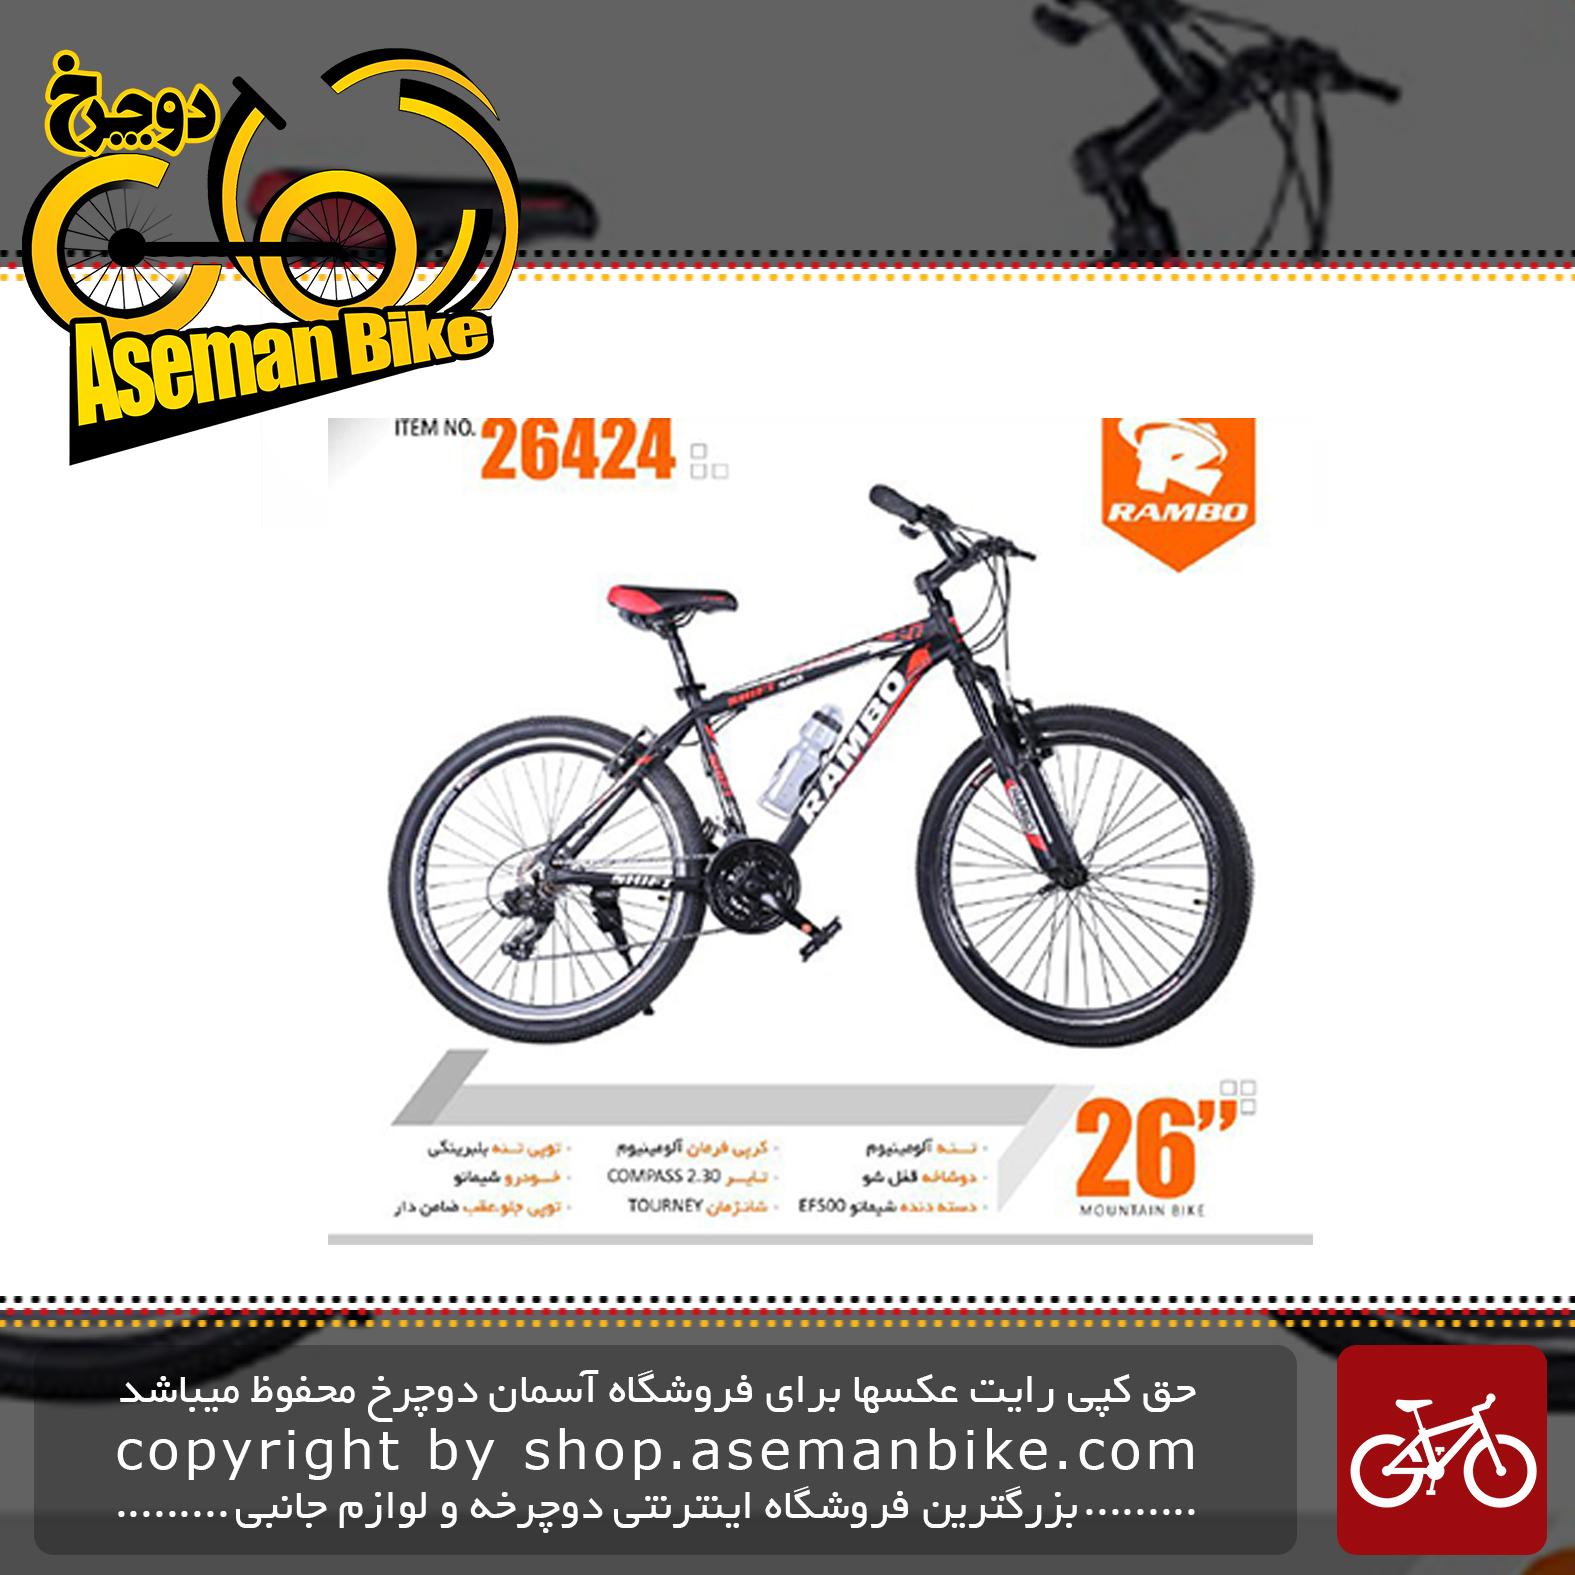 دوچرخه کوهستان رامبو سایز 26 مدل شیفت RAMBO SIZE 26 SHIFT